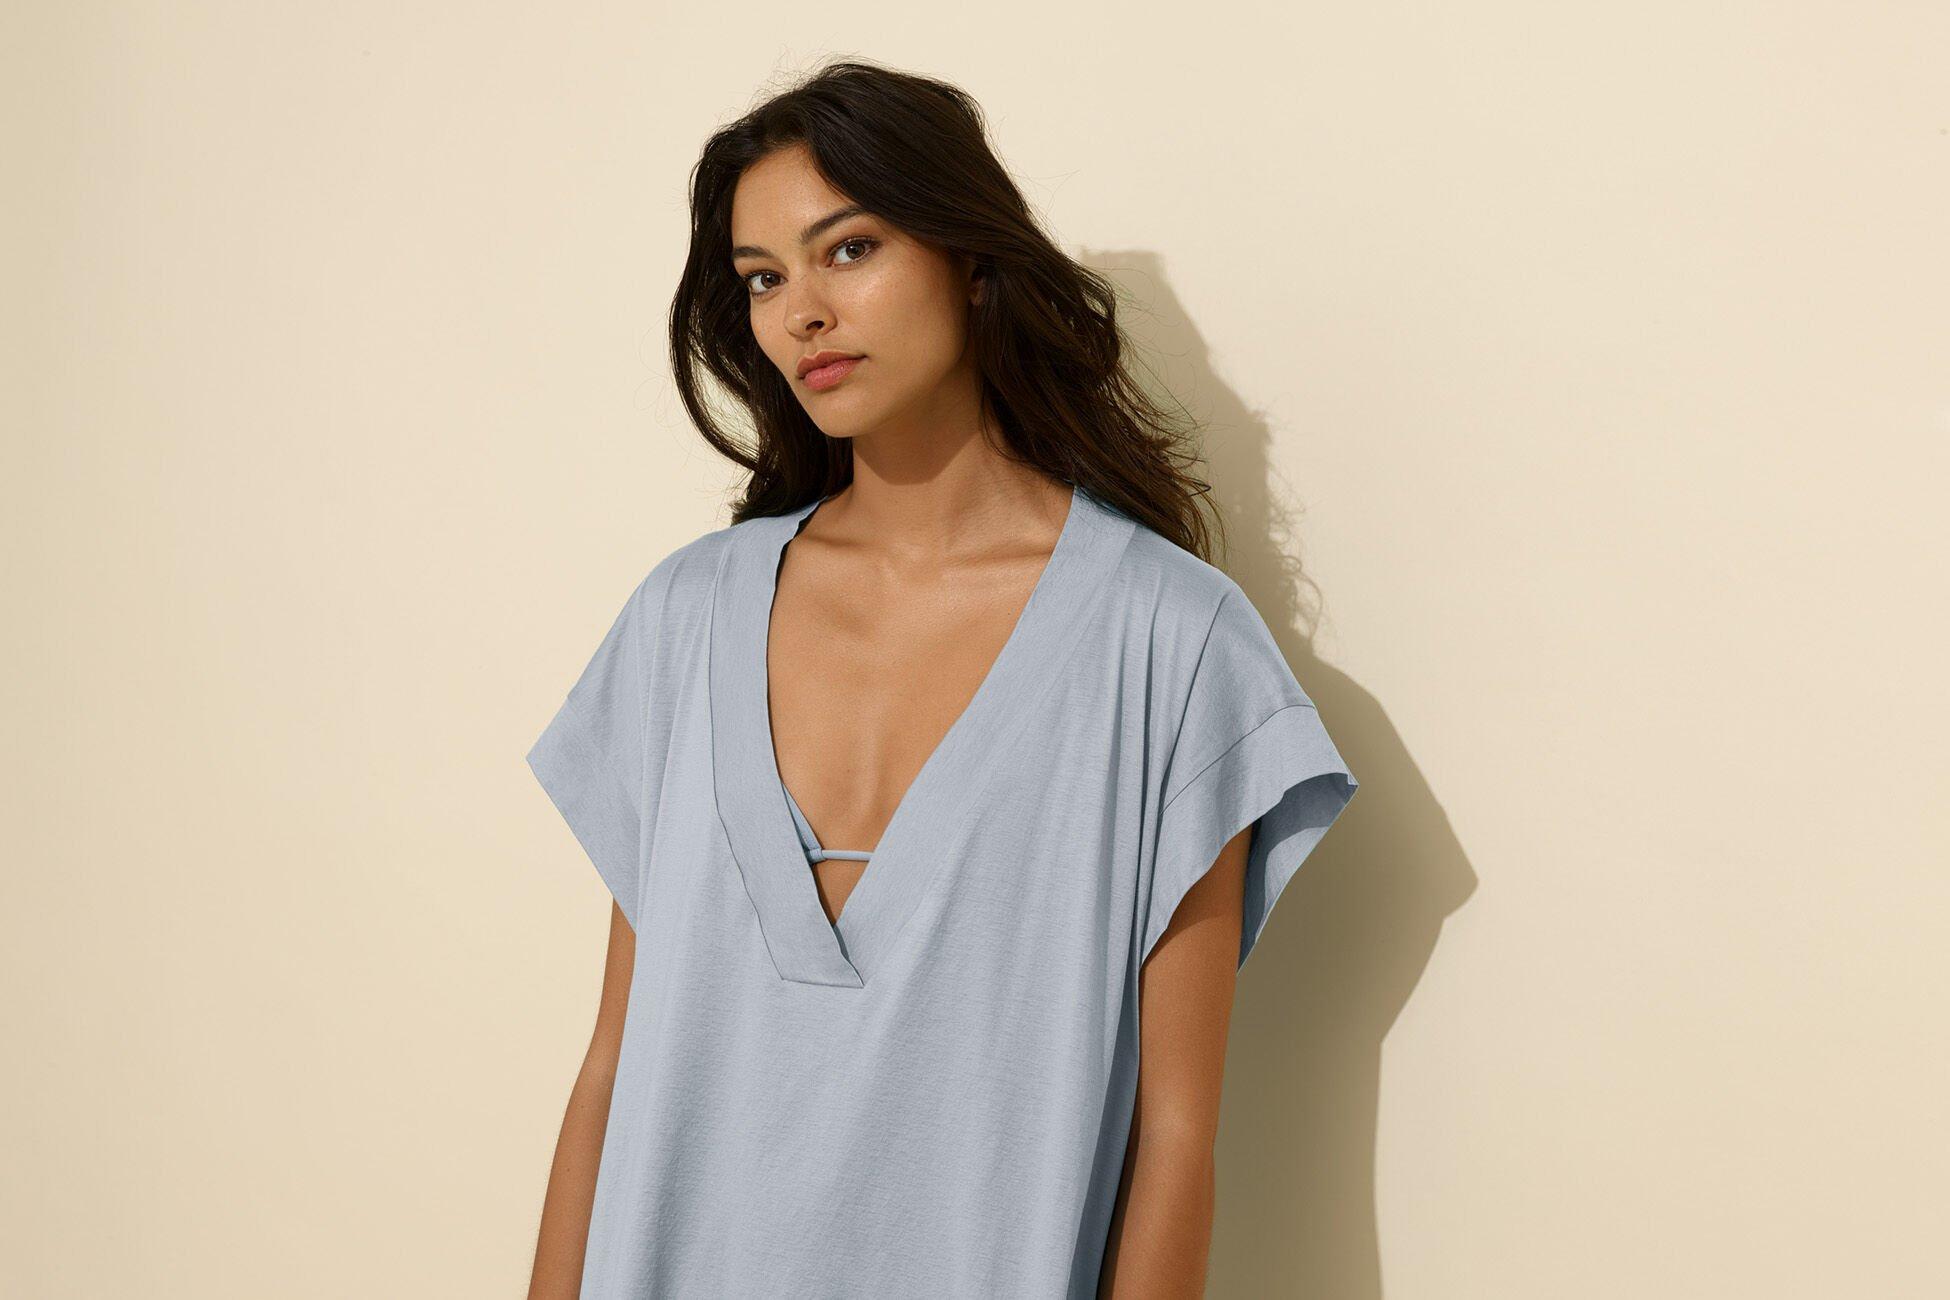 Renée Camiseta Vista estándar NaN